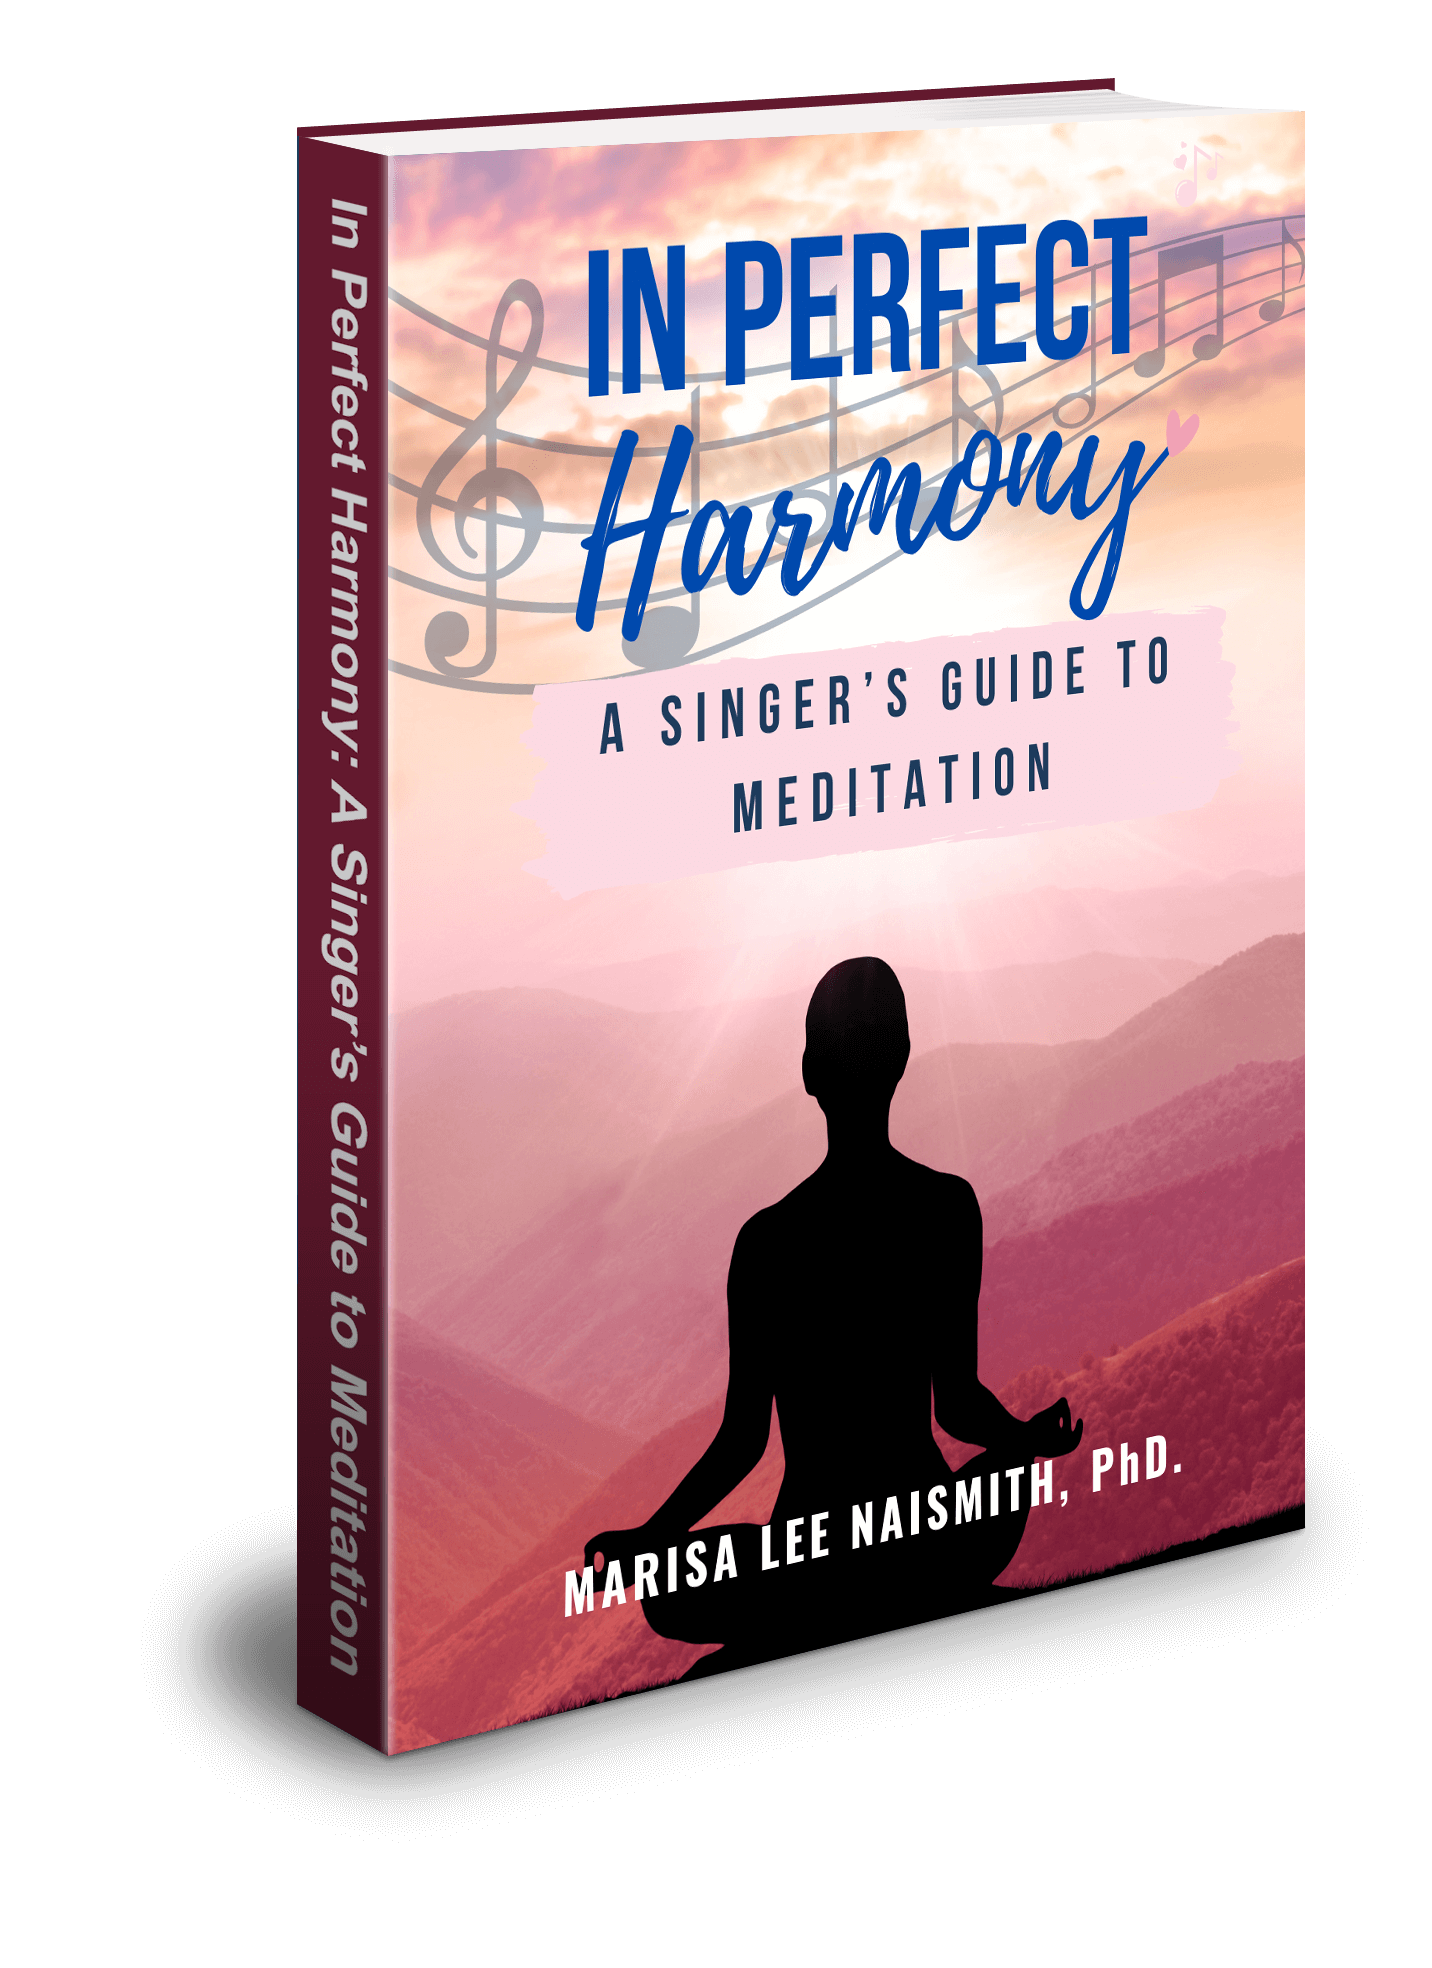 Marisa Lee Naismith E-Book